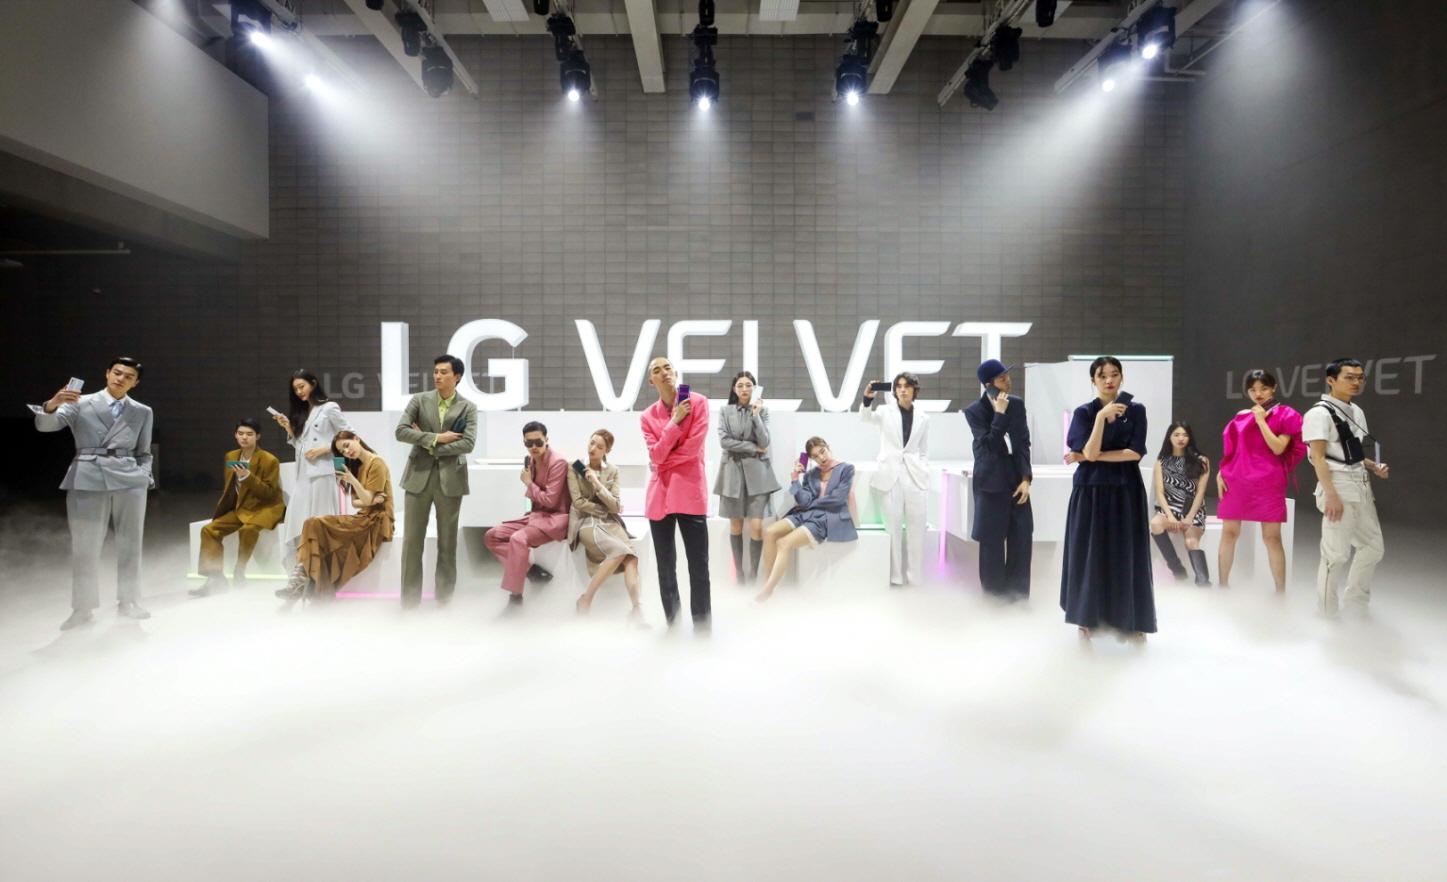 'LG 벨벳' 디지털 런웨이 무대에서 첫 데뷔